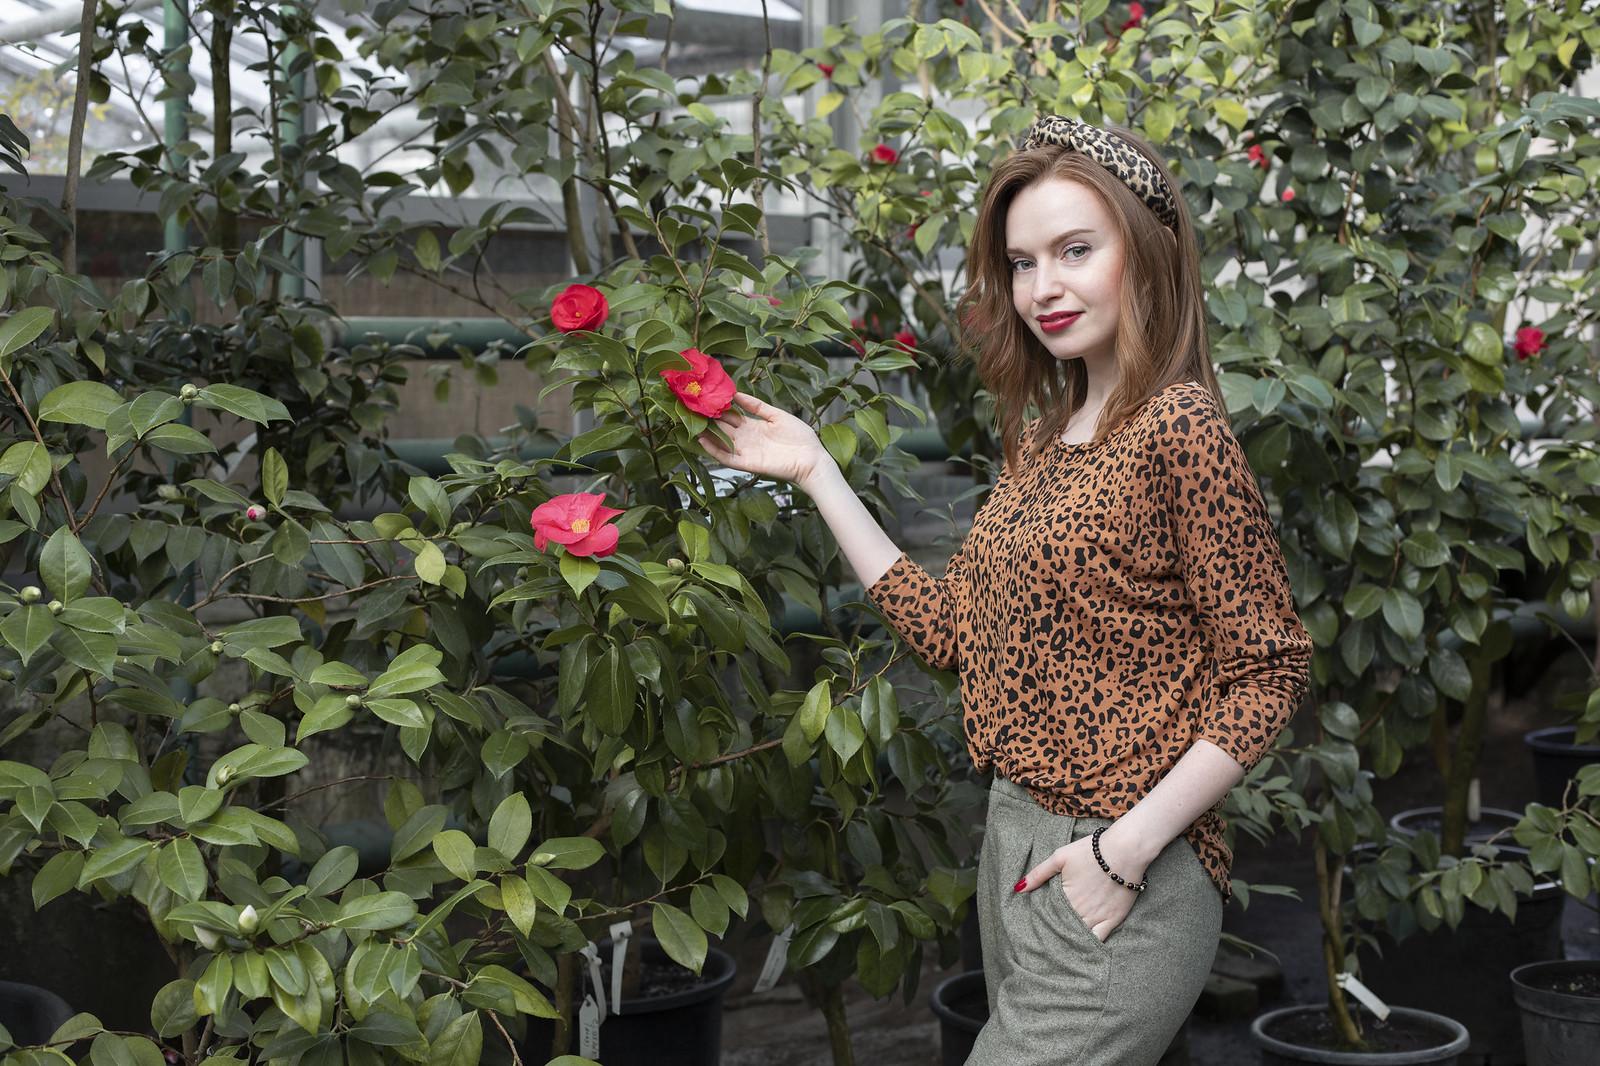 Jungle_Олеся_5